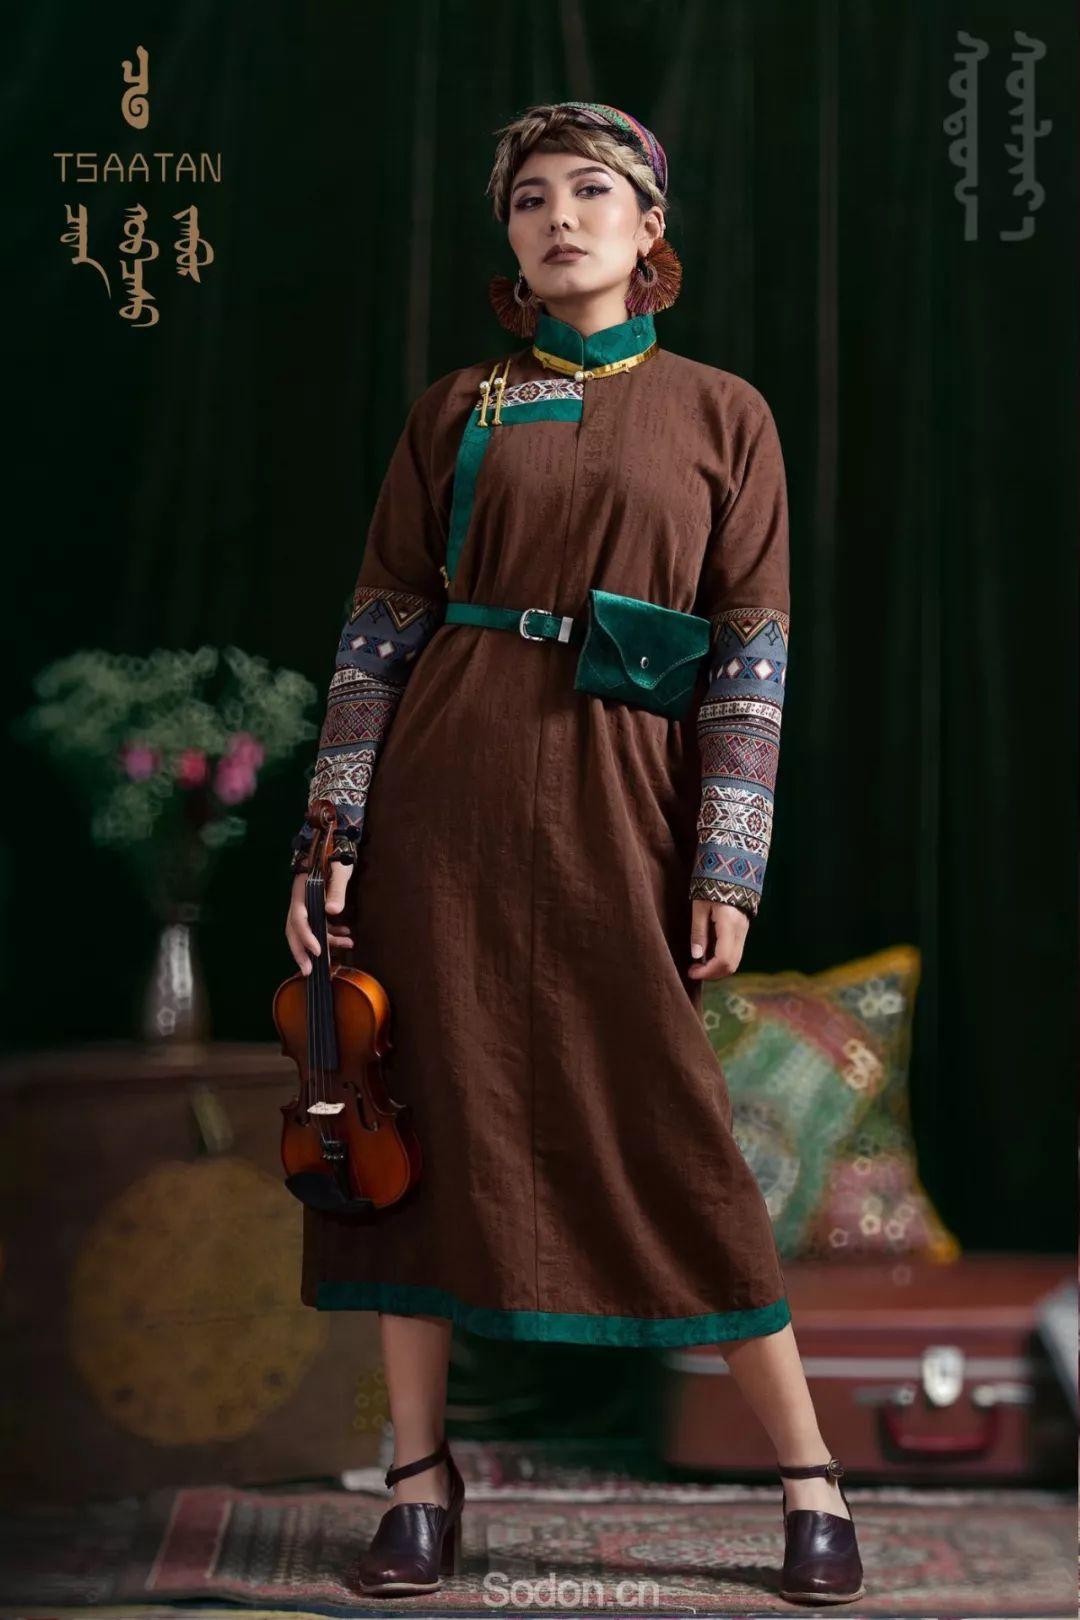 TSAATAN蒙古时装 2019新款,来自驯鹿人的独特魅力! 第51张 TSAATAN蒙古时装 2019新款,来自驯鹿人的独特魅力! 蒙古服饰